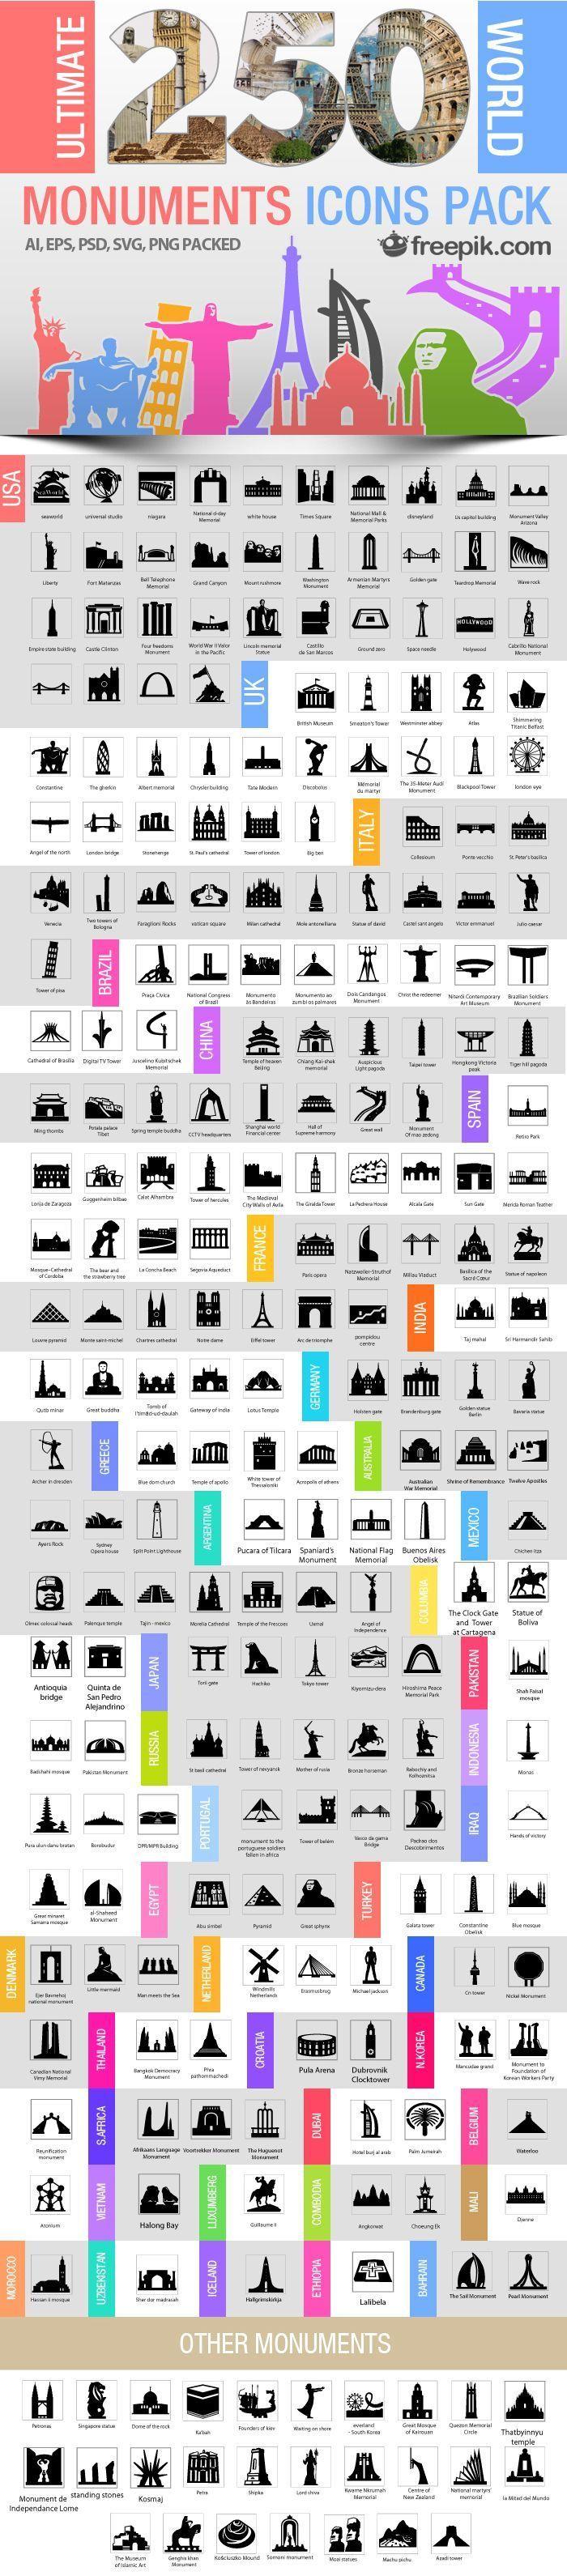 12 packs d u0026 39 icons gratuits  u00e0 t u00e9l u00e9charger autour du voyage